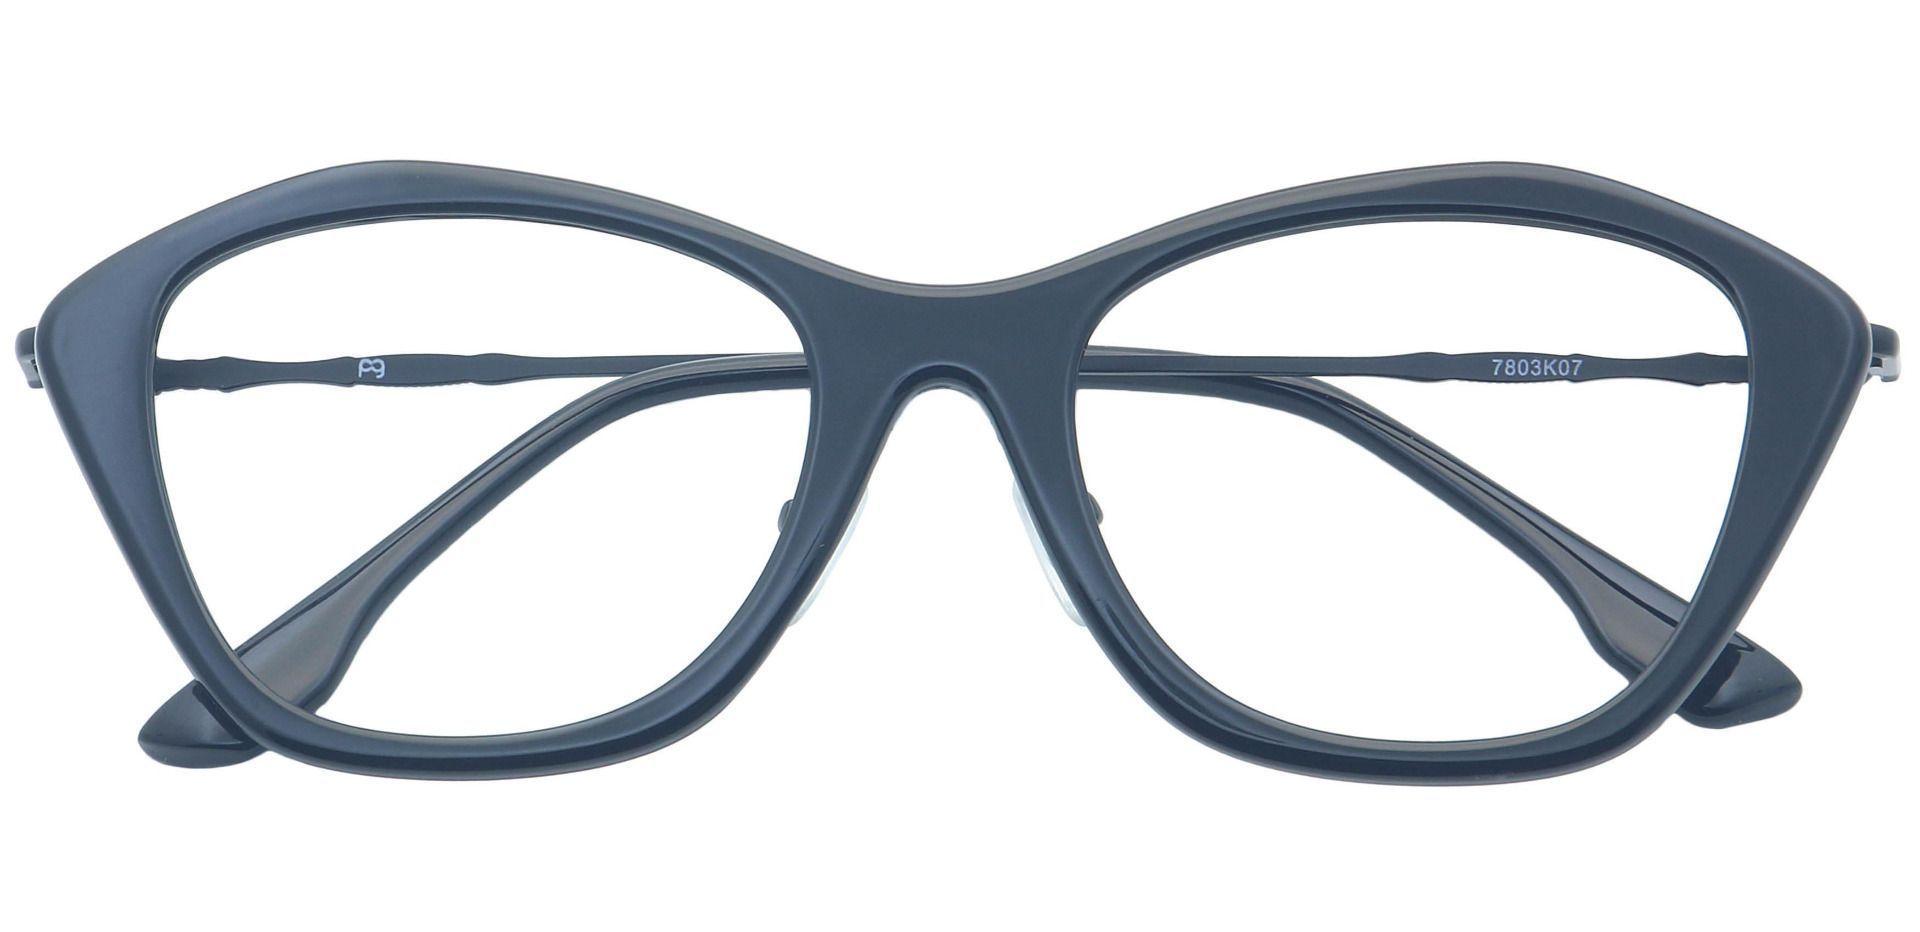 Presley Cat-Eye Prescription Glasses - Black